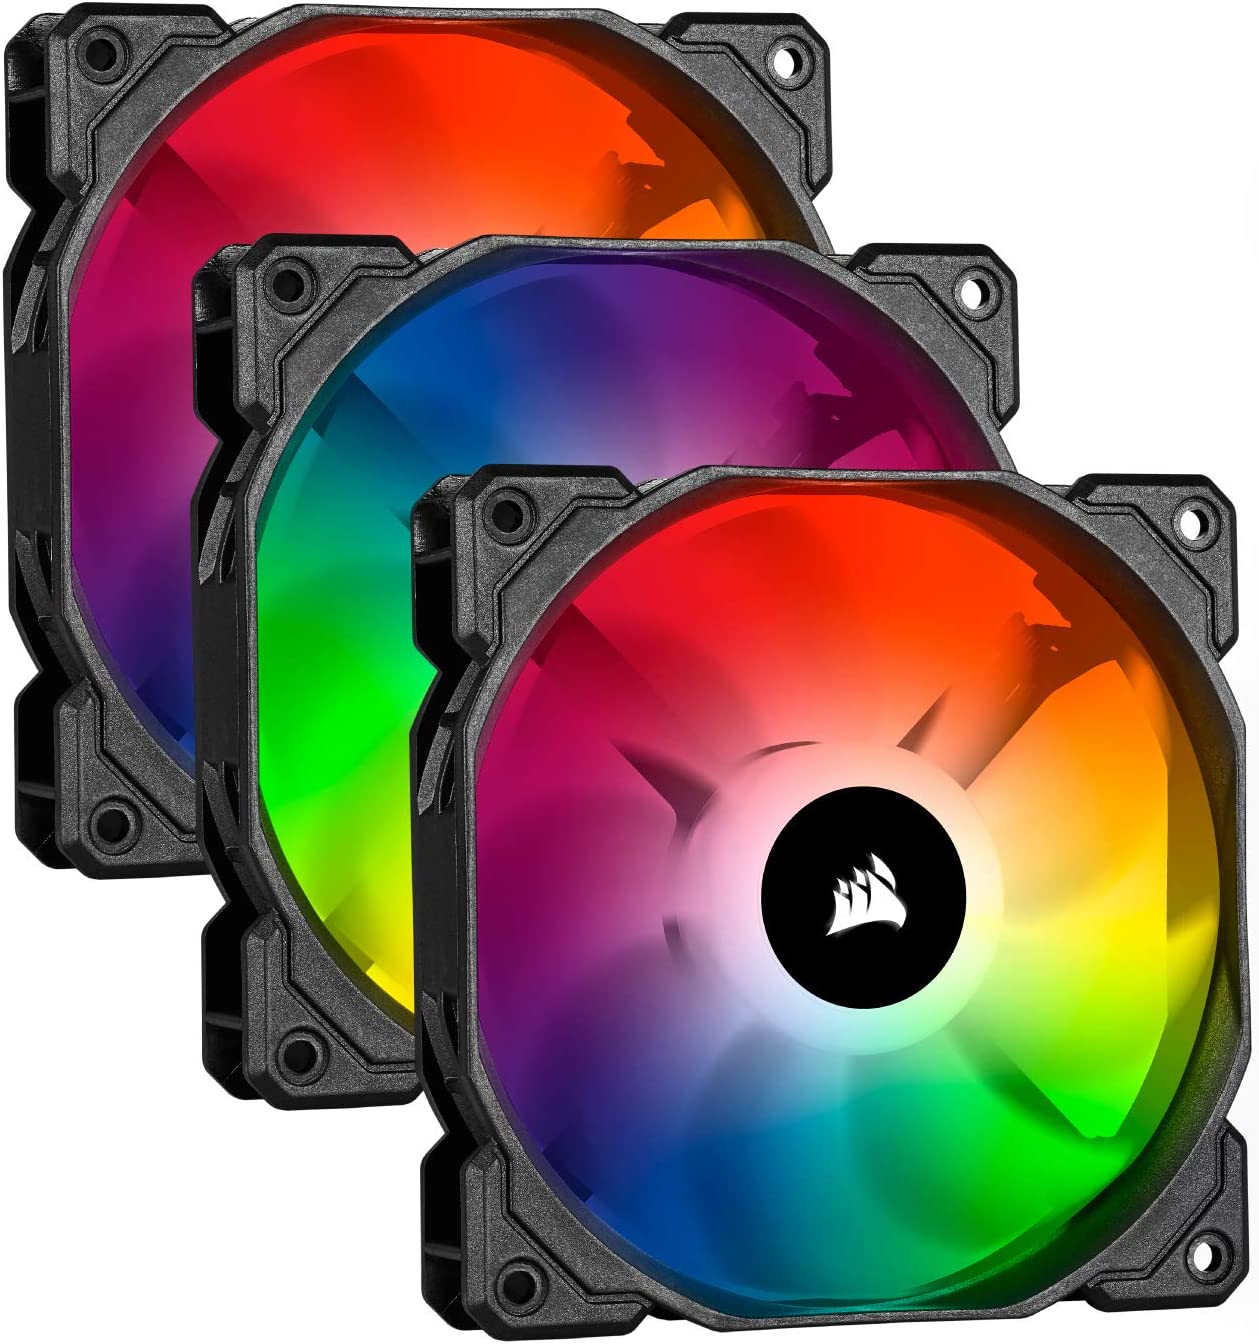 Corsair iCUE SP120 RGB PRO - Ventilador de chasis de 120mm, Silencioso, de Flujo de aire elevado, Paquete Triple